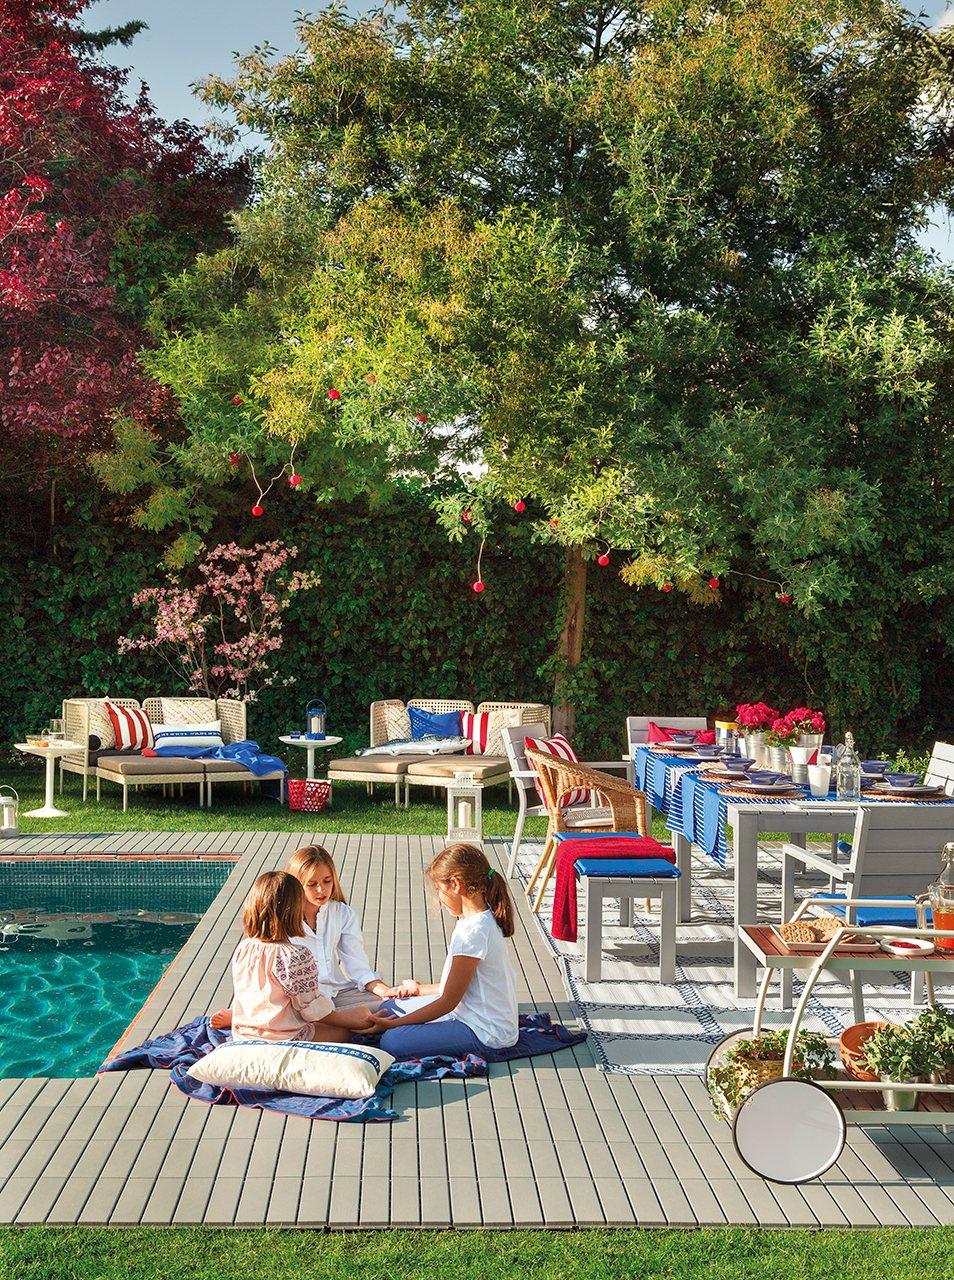 Porche terraza piscina vive el exterior for Sillas para piscina